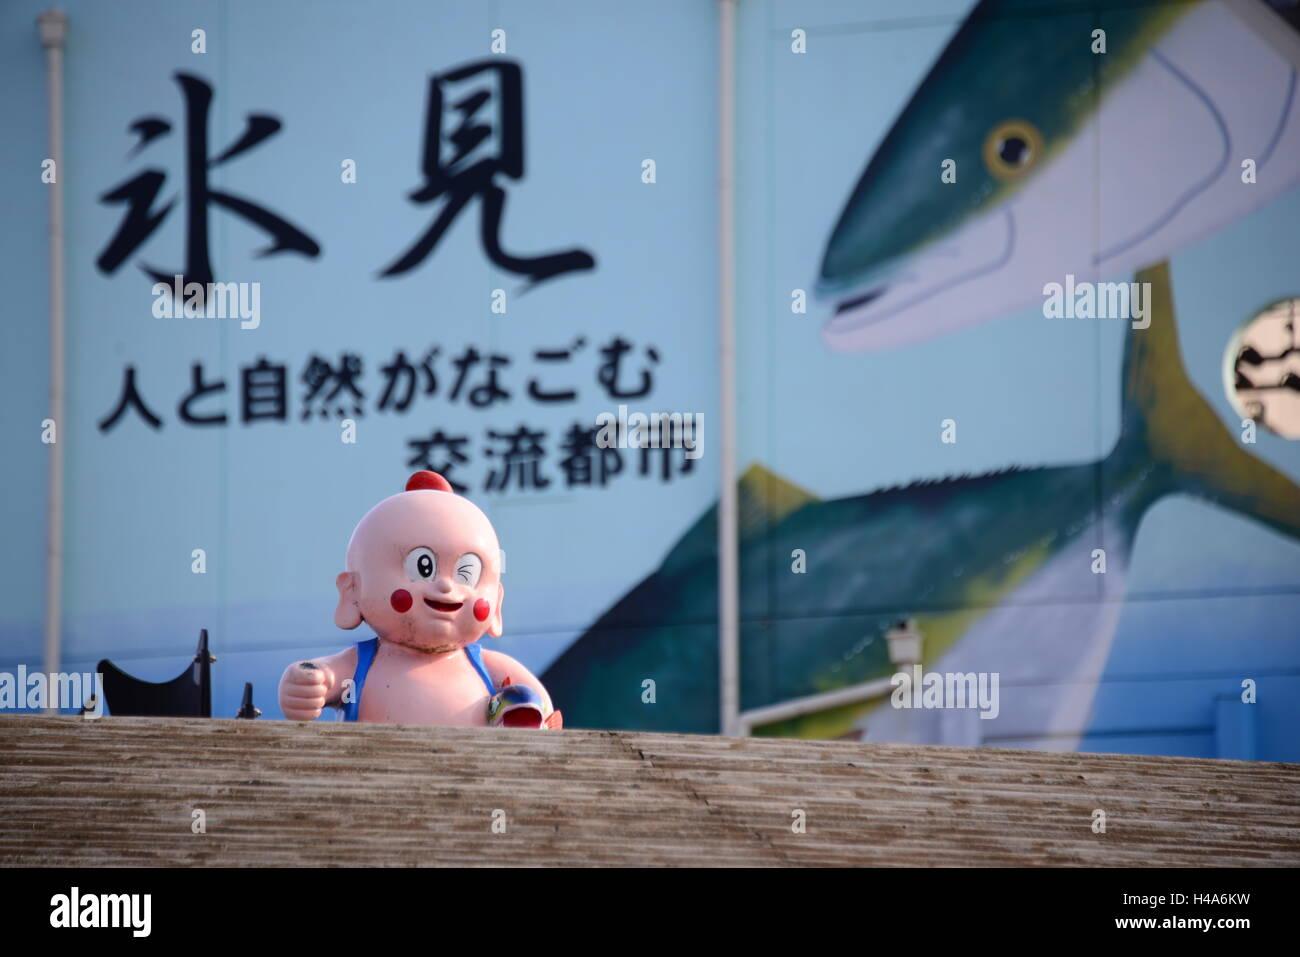 Ninja Hattori Kun Stock Photos Ninja Hattori Kun Stock Images Alamy